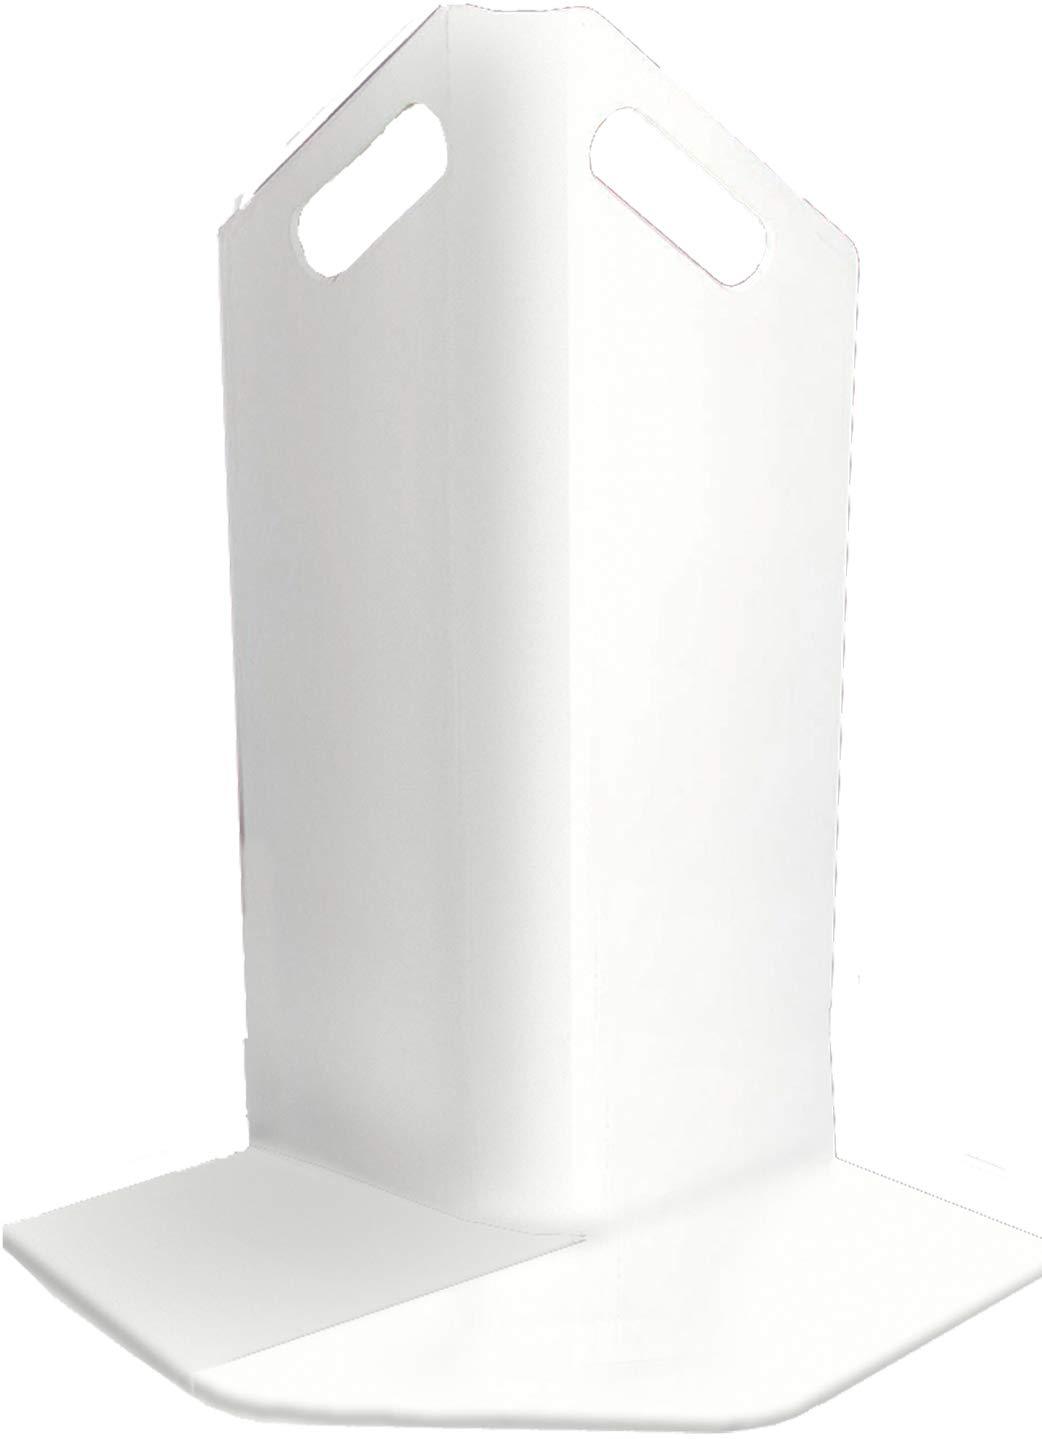 Groom Industries Corner Guard, White 10 Pack